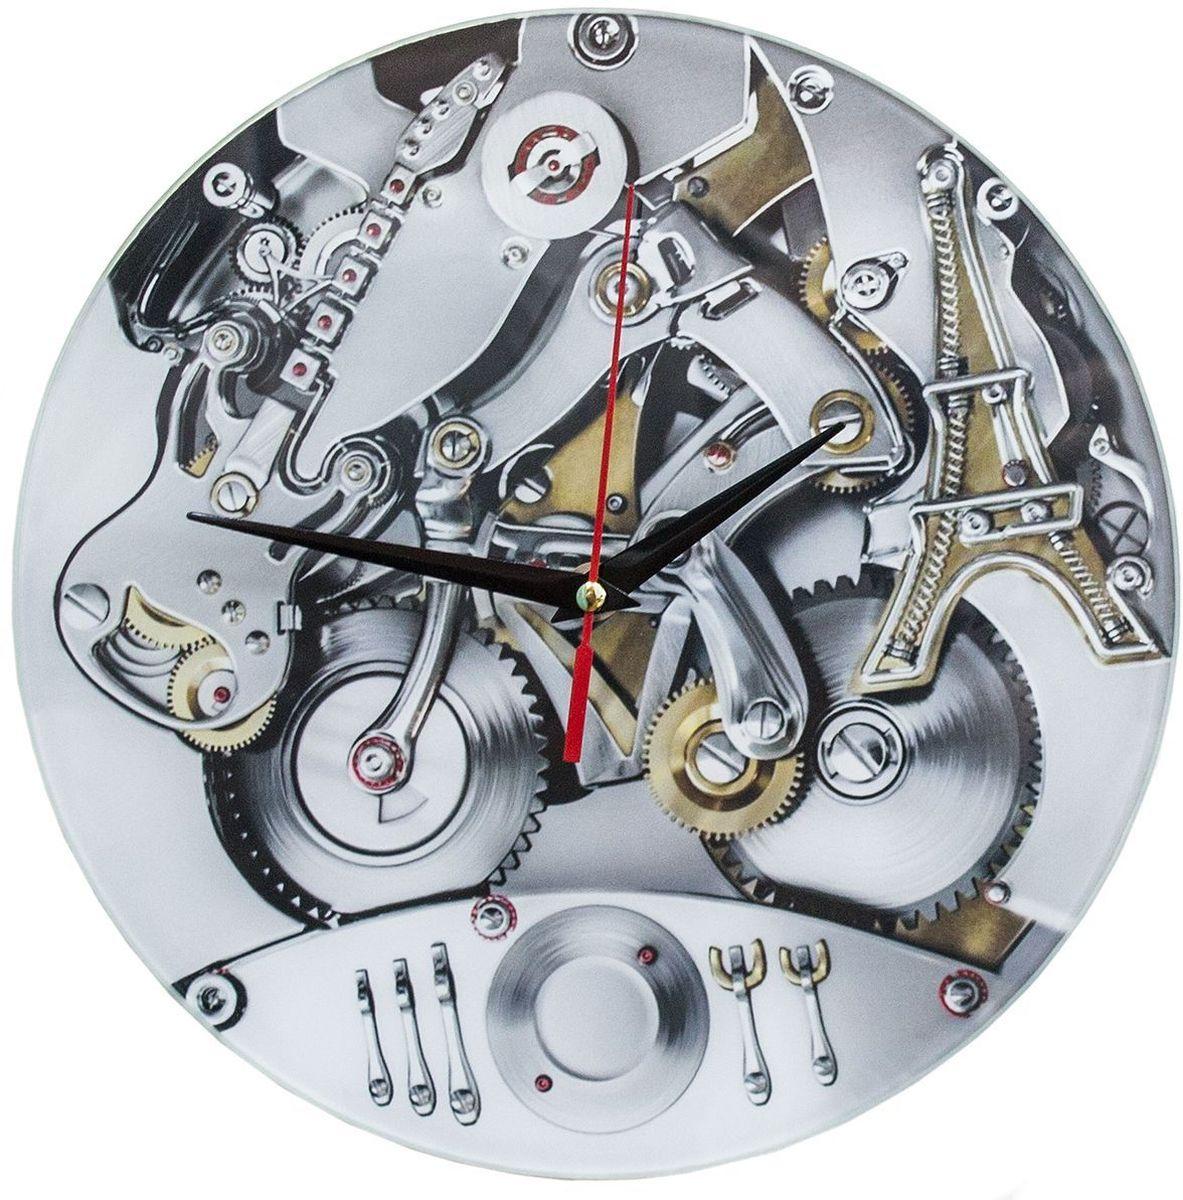 Часы настенные Эврика Механизм, стеклянные, 30 х 30 х 4 см98110Часы настенные стеклянные с механизмом бесшумного хода (не тикают) в белой картонной коробке. Размеры упаковки: 30 х 30 х 4 см. Элемент питания: 1хАА (1,5В).